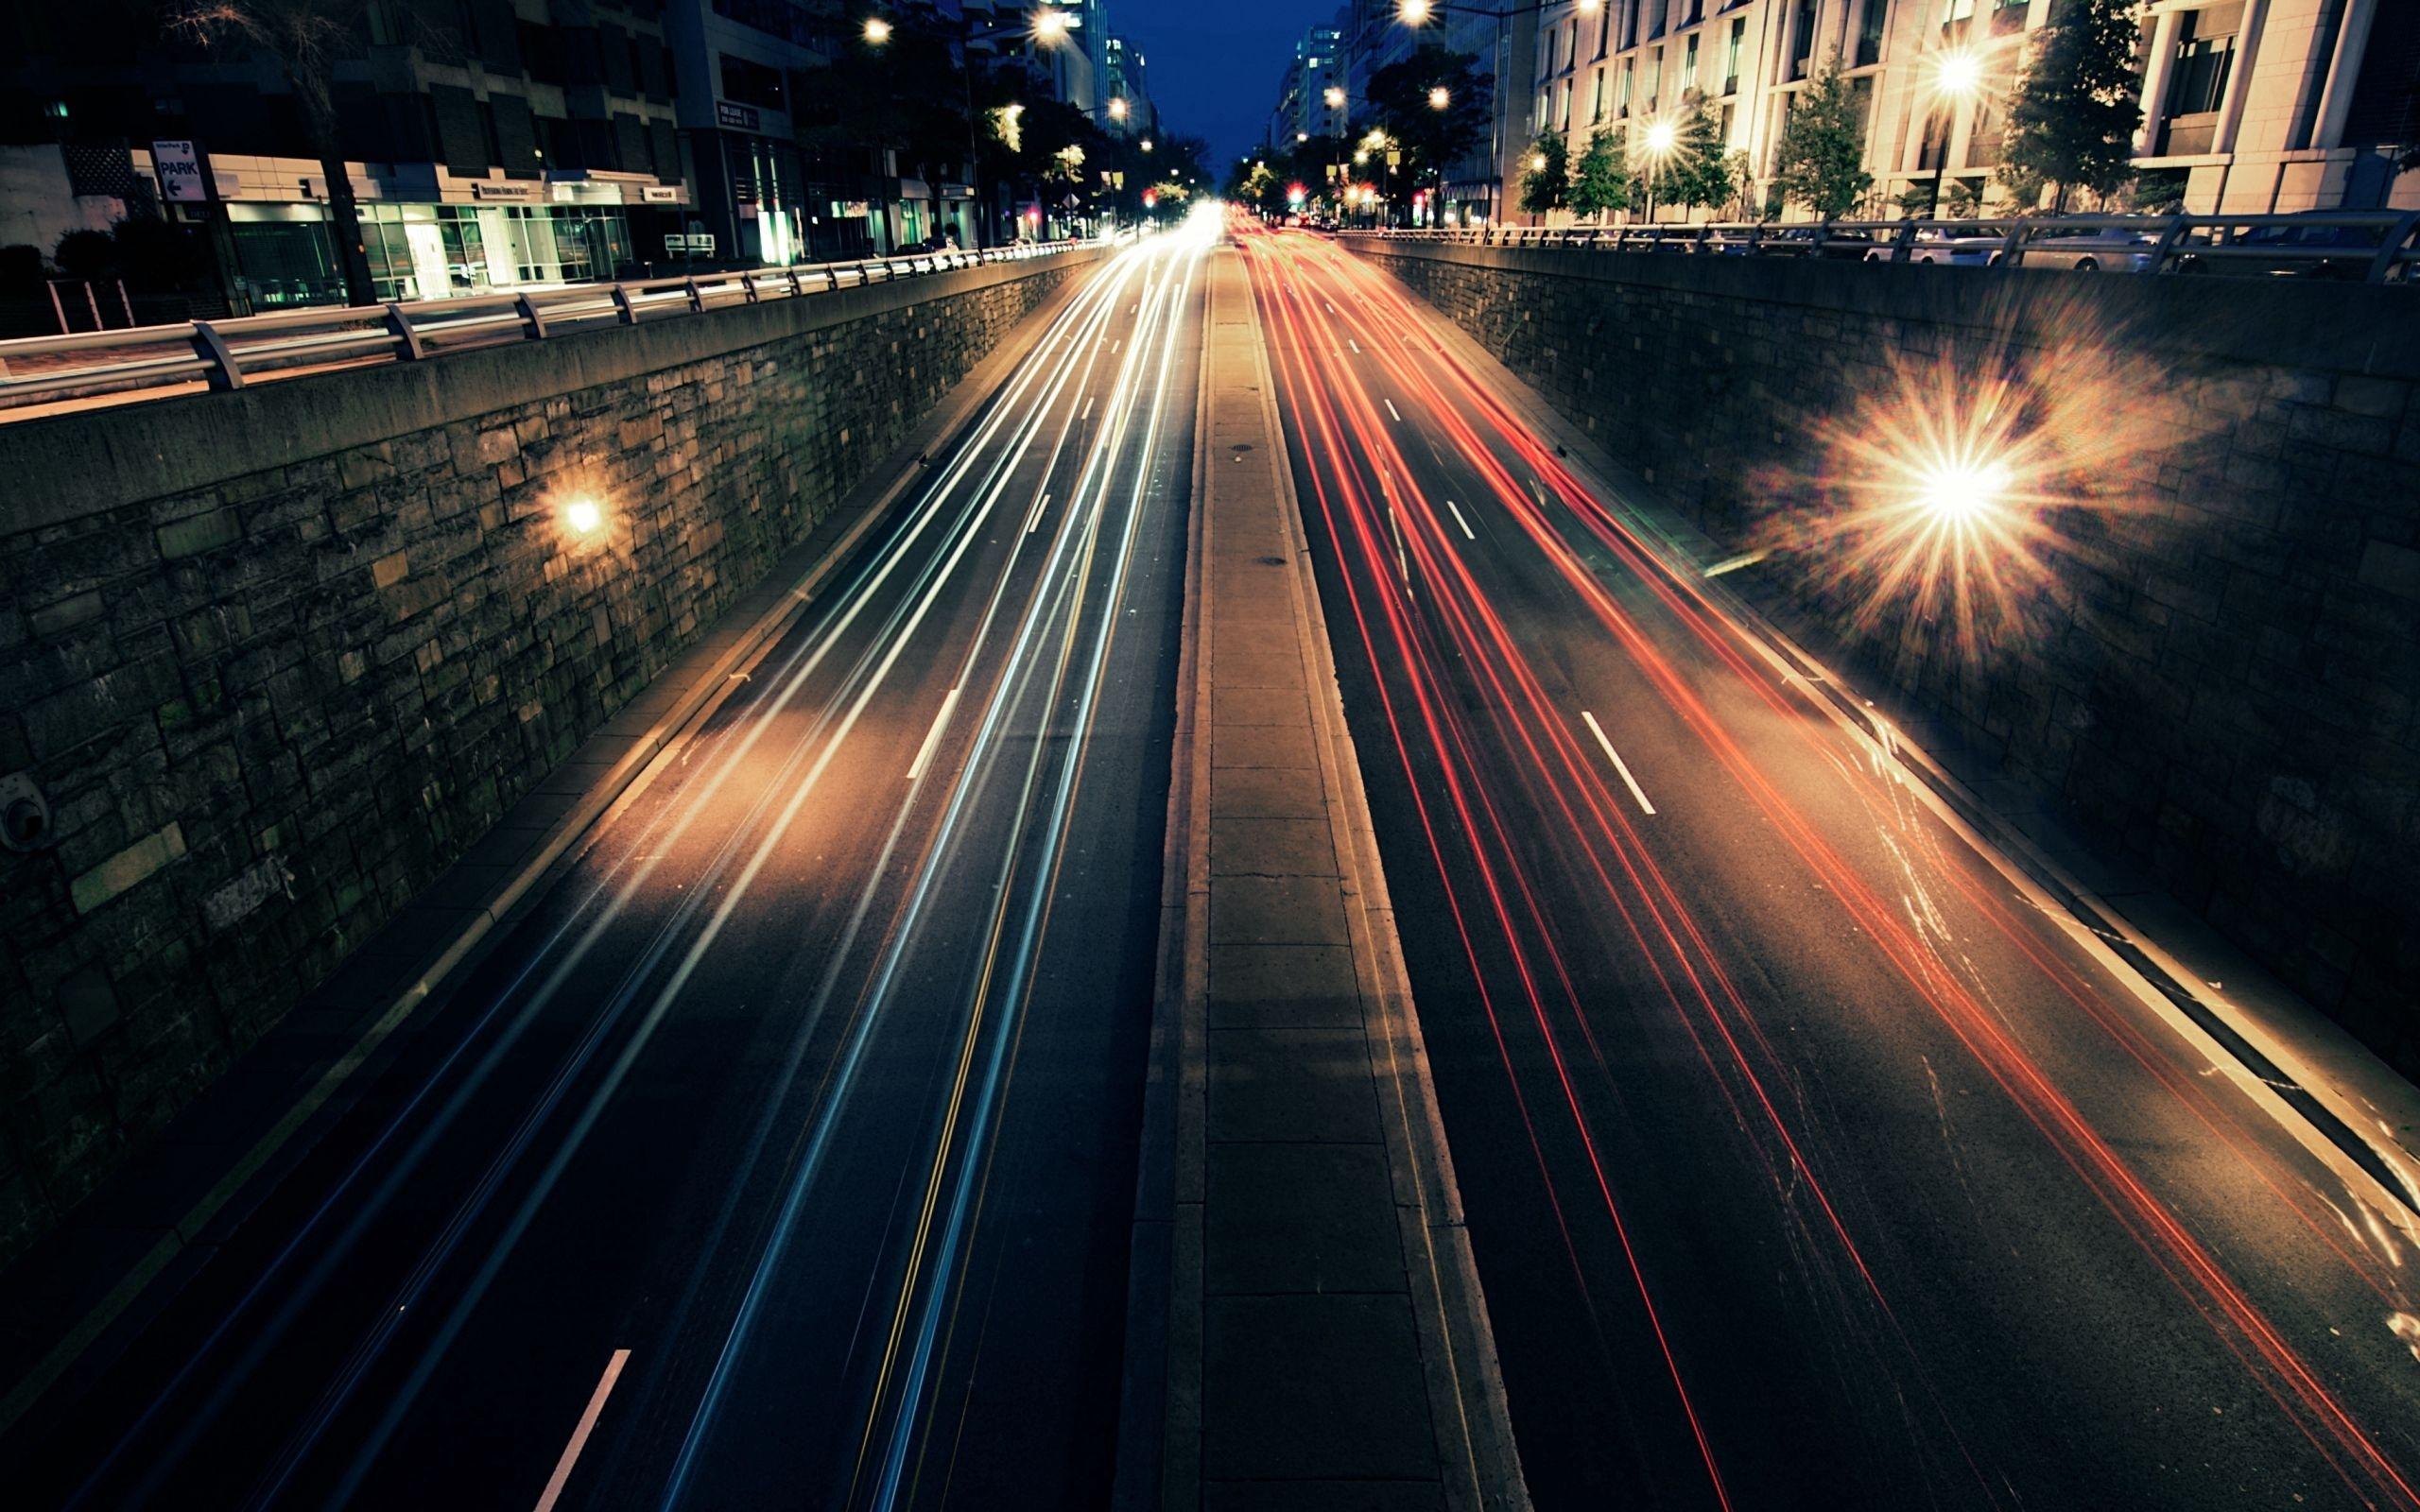 82686 скачать обои Города, Машины, Улицы, Ночь, Город, Огни, Дорога, Движение, Скорость - заставки и картинки бесплатно